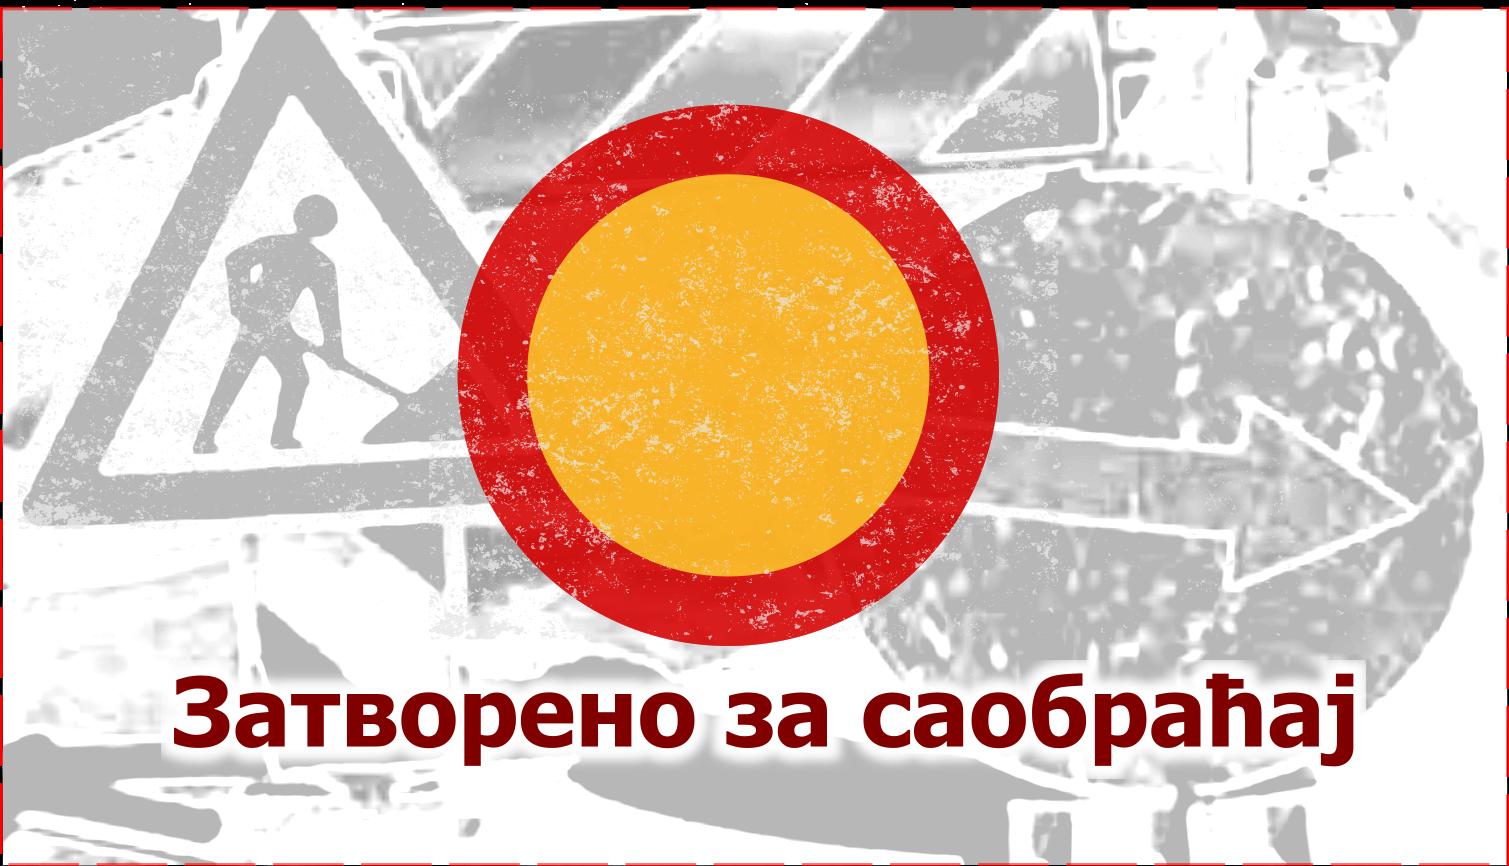 Улица Солунских бораца затворена за саобраћај